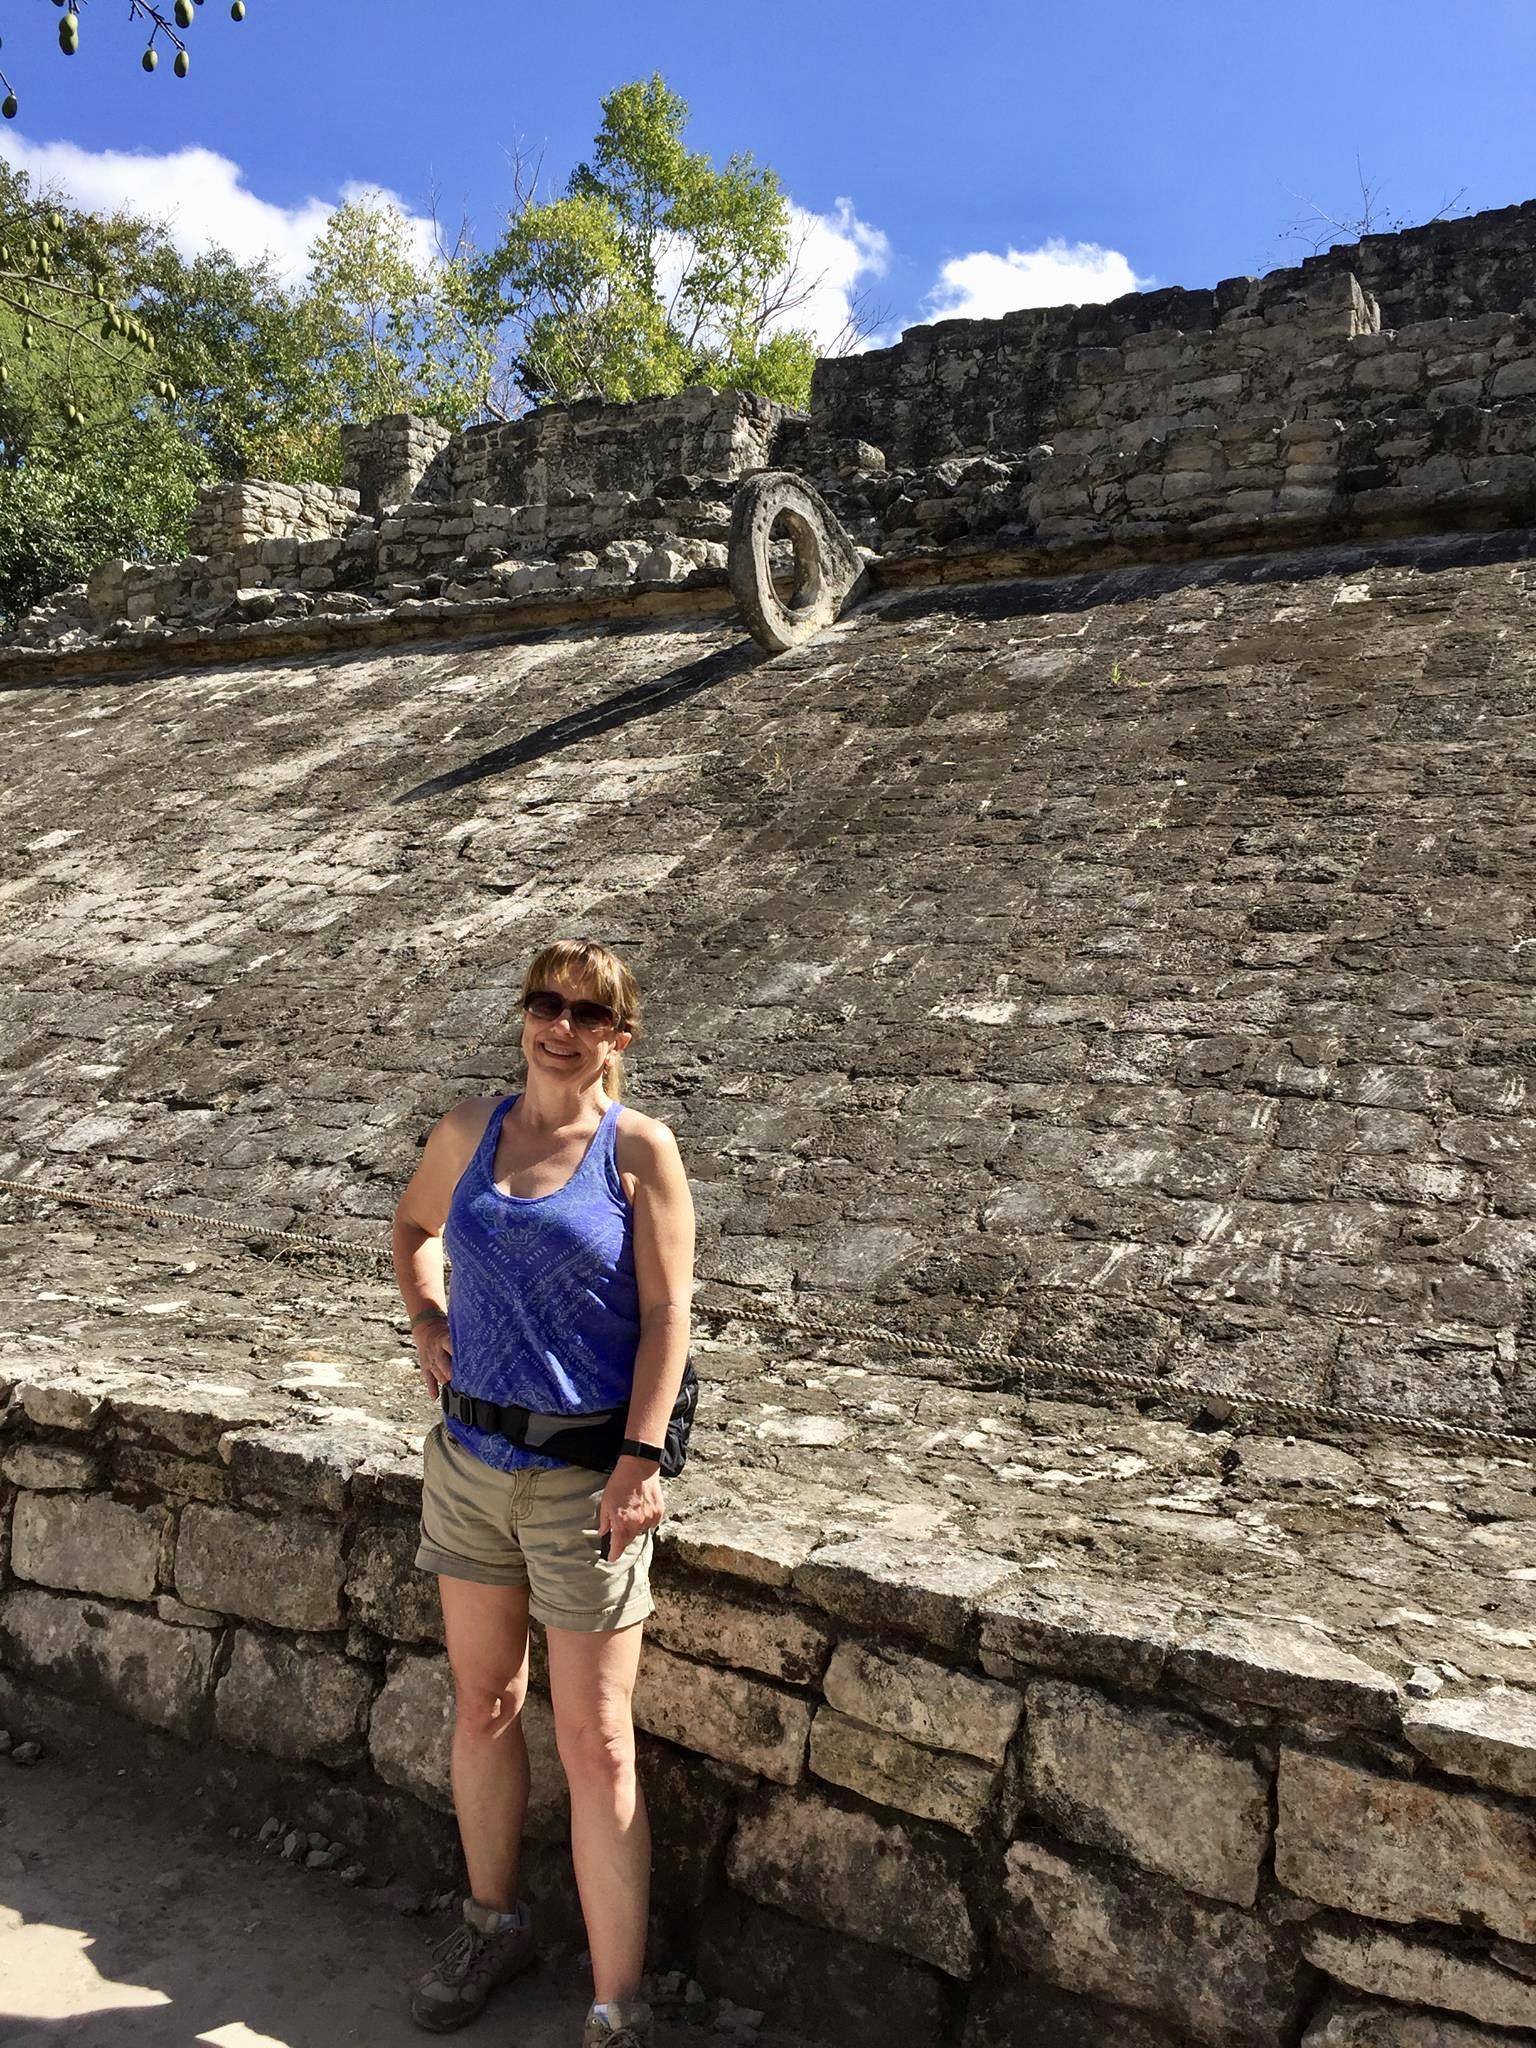 Climbing Coba Ruins Mexico